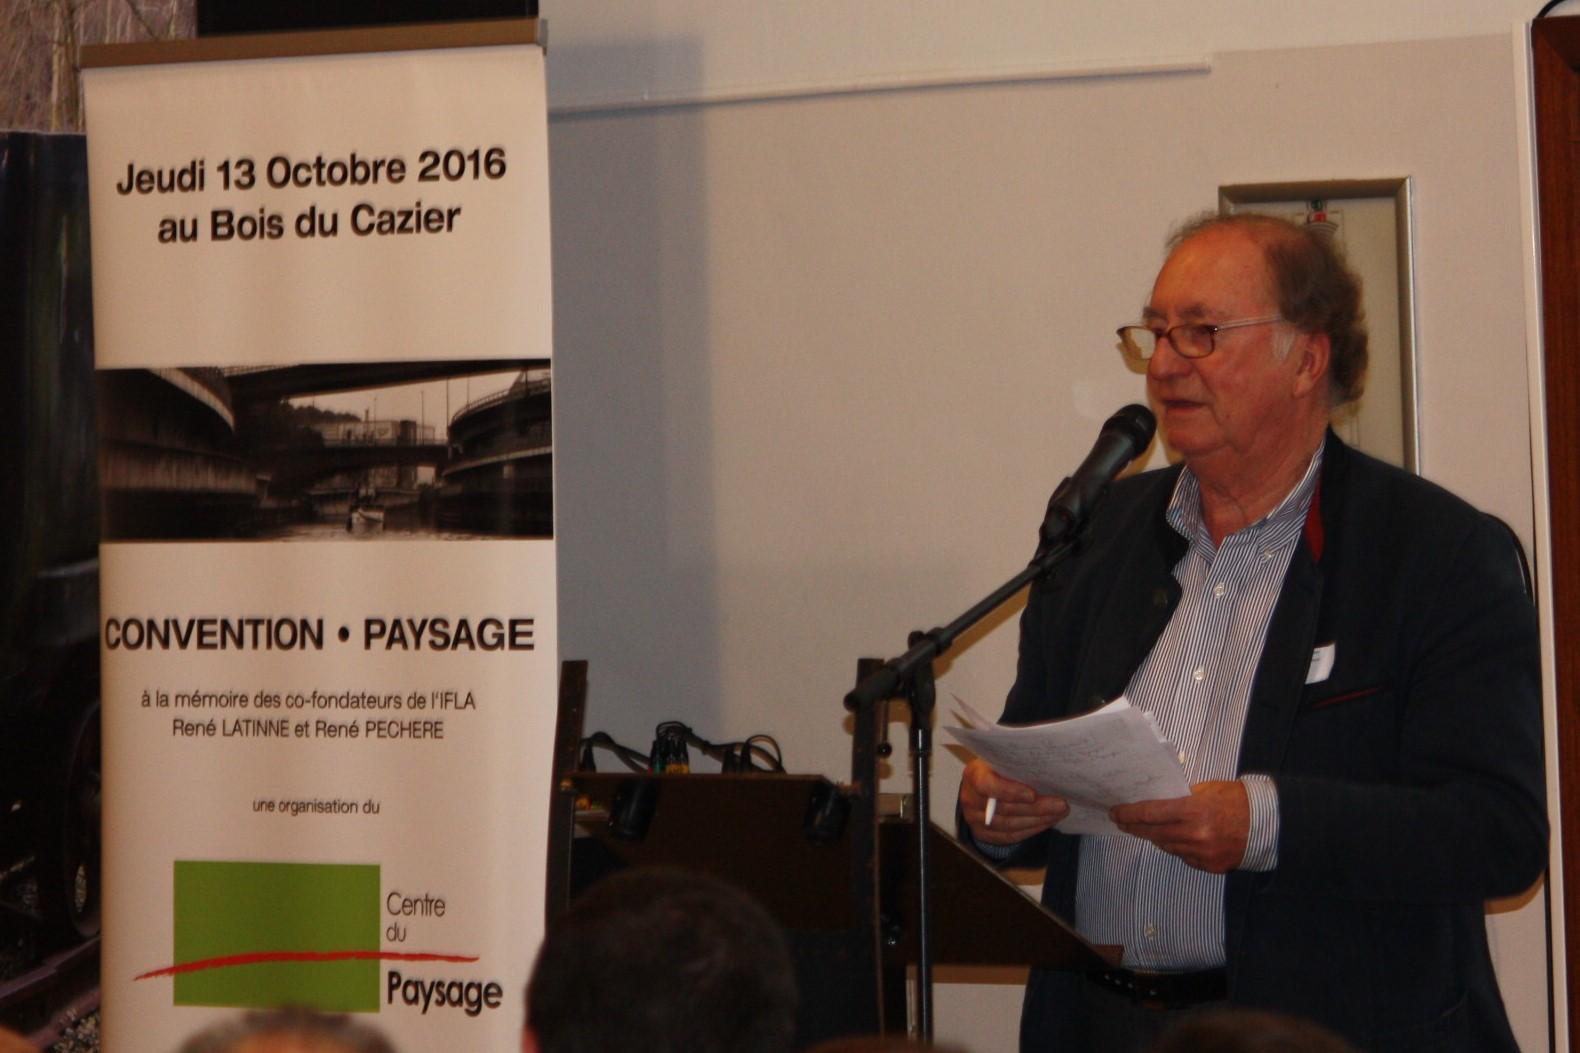 Jean Noël Capart (président de la Convention-Paysage)